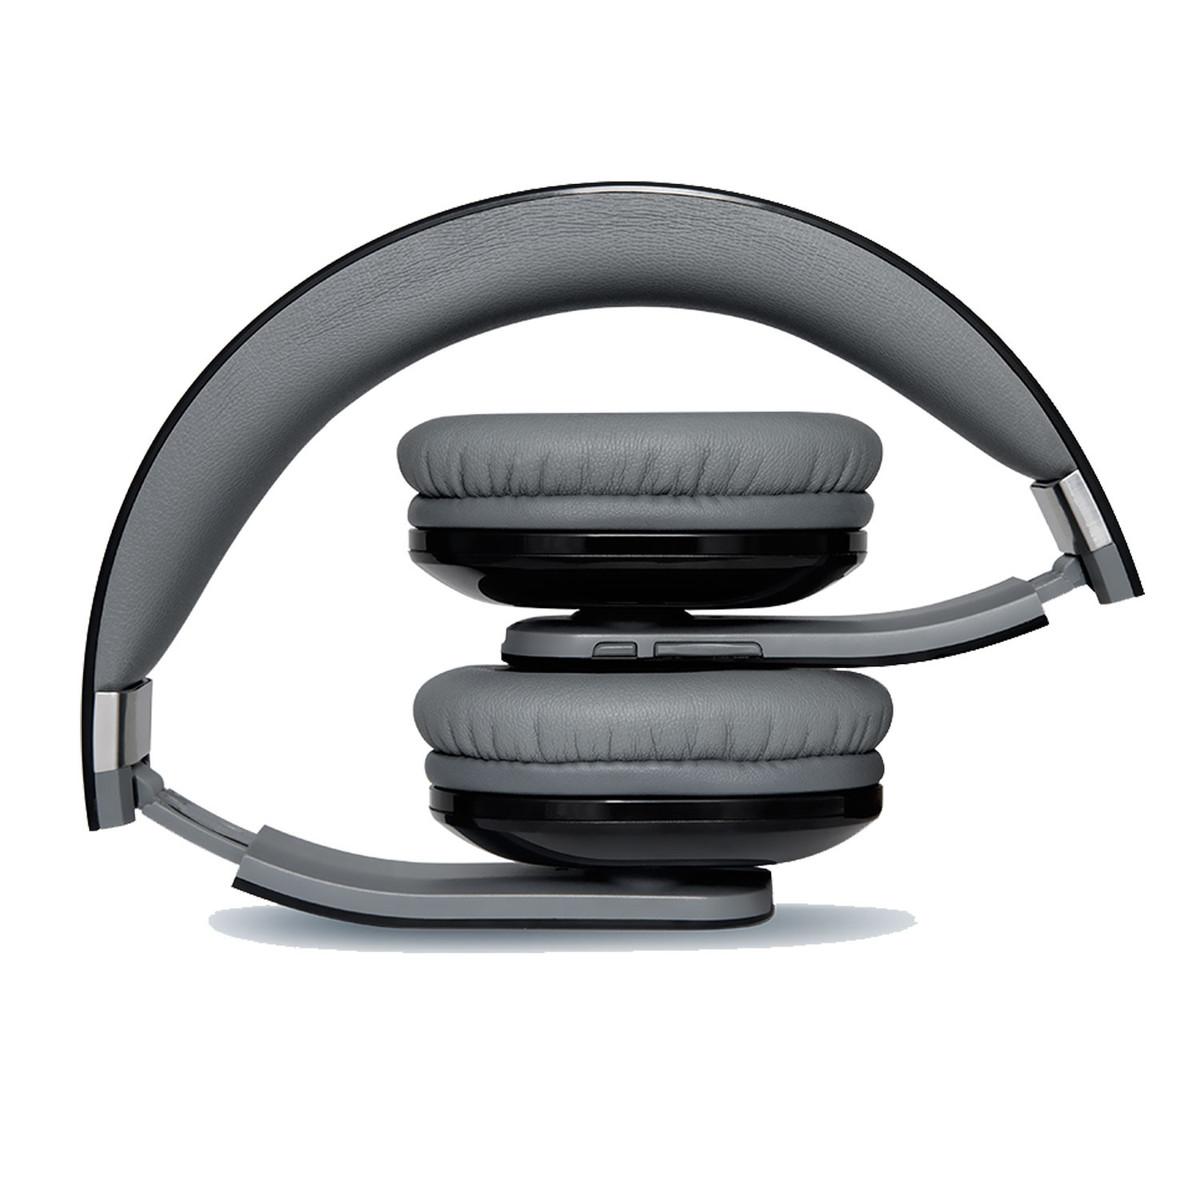 numark casque hf sans fil dj comme neuf. Black Bedroom Furniture Sets. Home Design Ideas